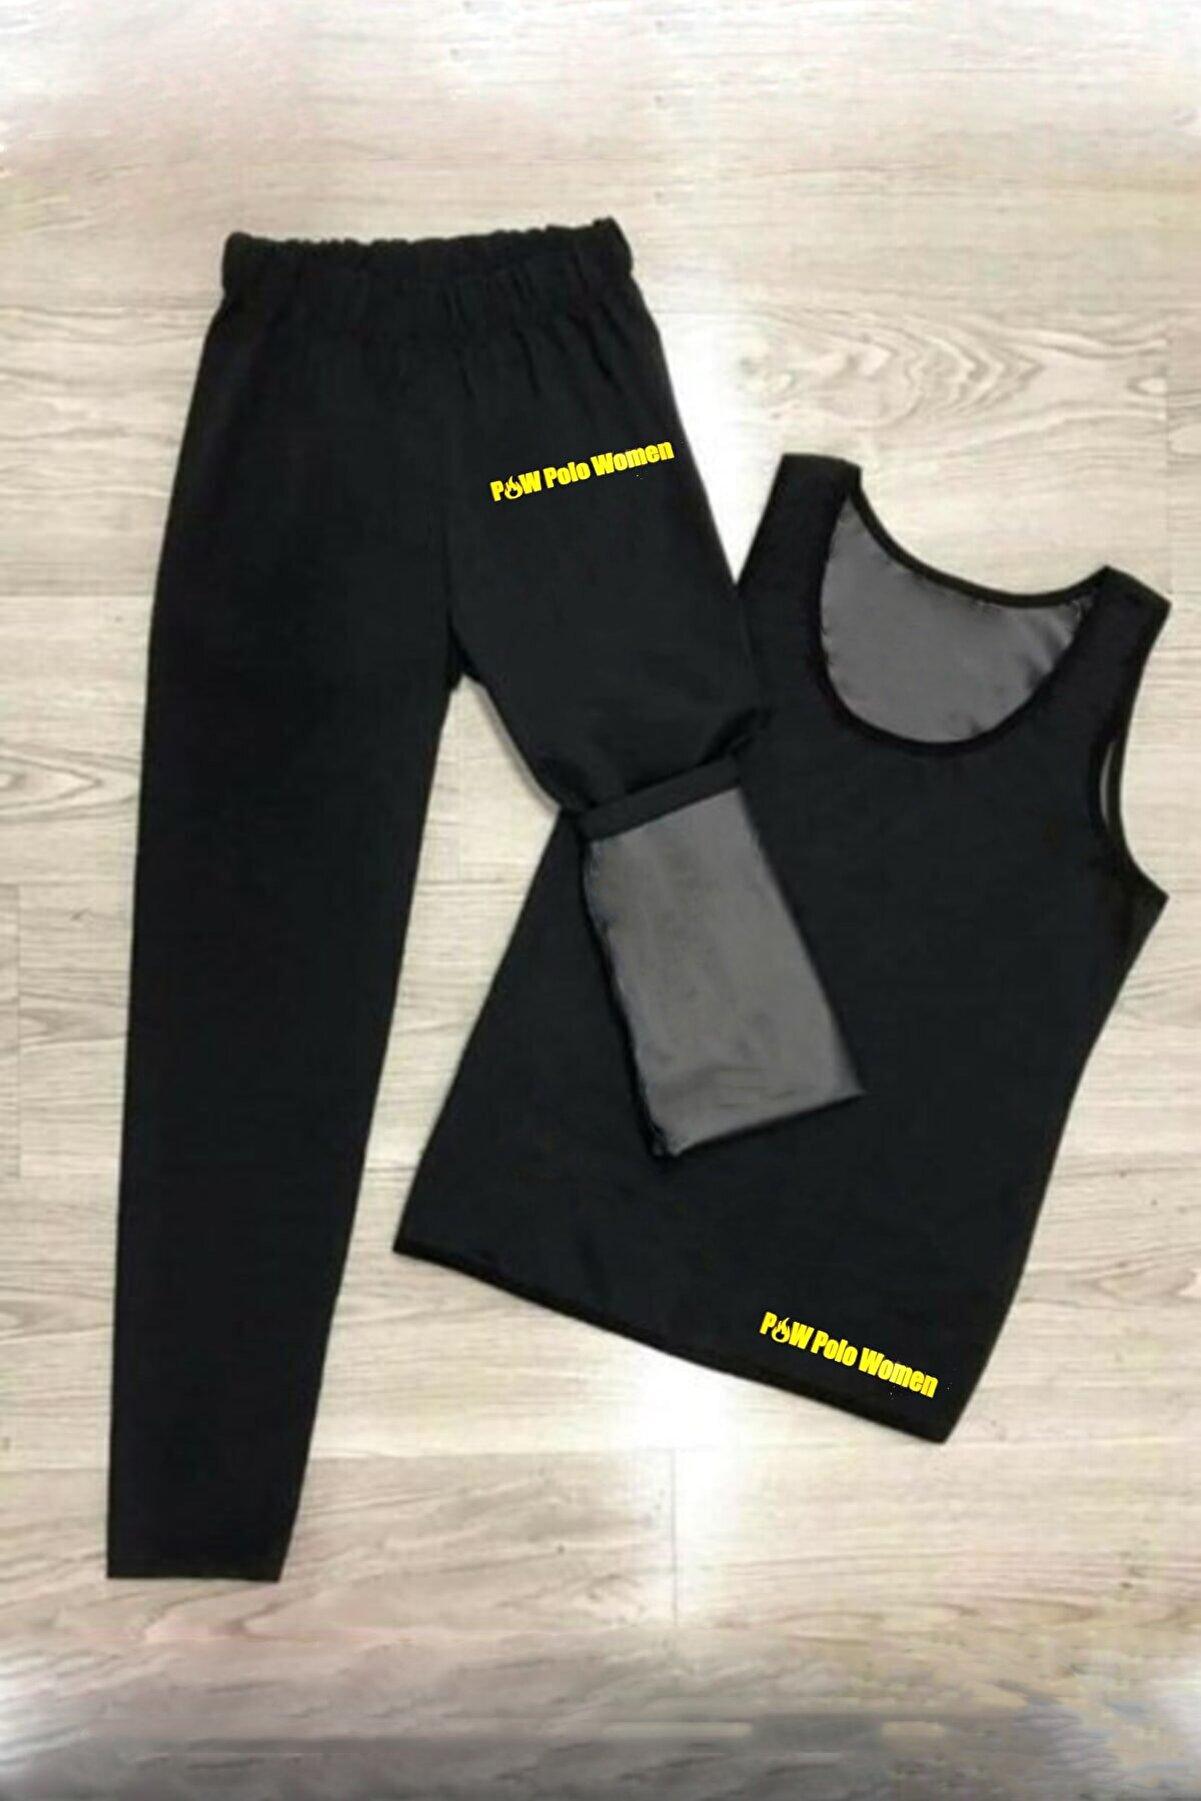 P&W Polo Women Unisex Termal - Tayt Ve Atlet Takım Polimer Kumaş Zayıflama Incelme Ve Yağ Yakma Spor Kıyafeti